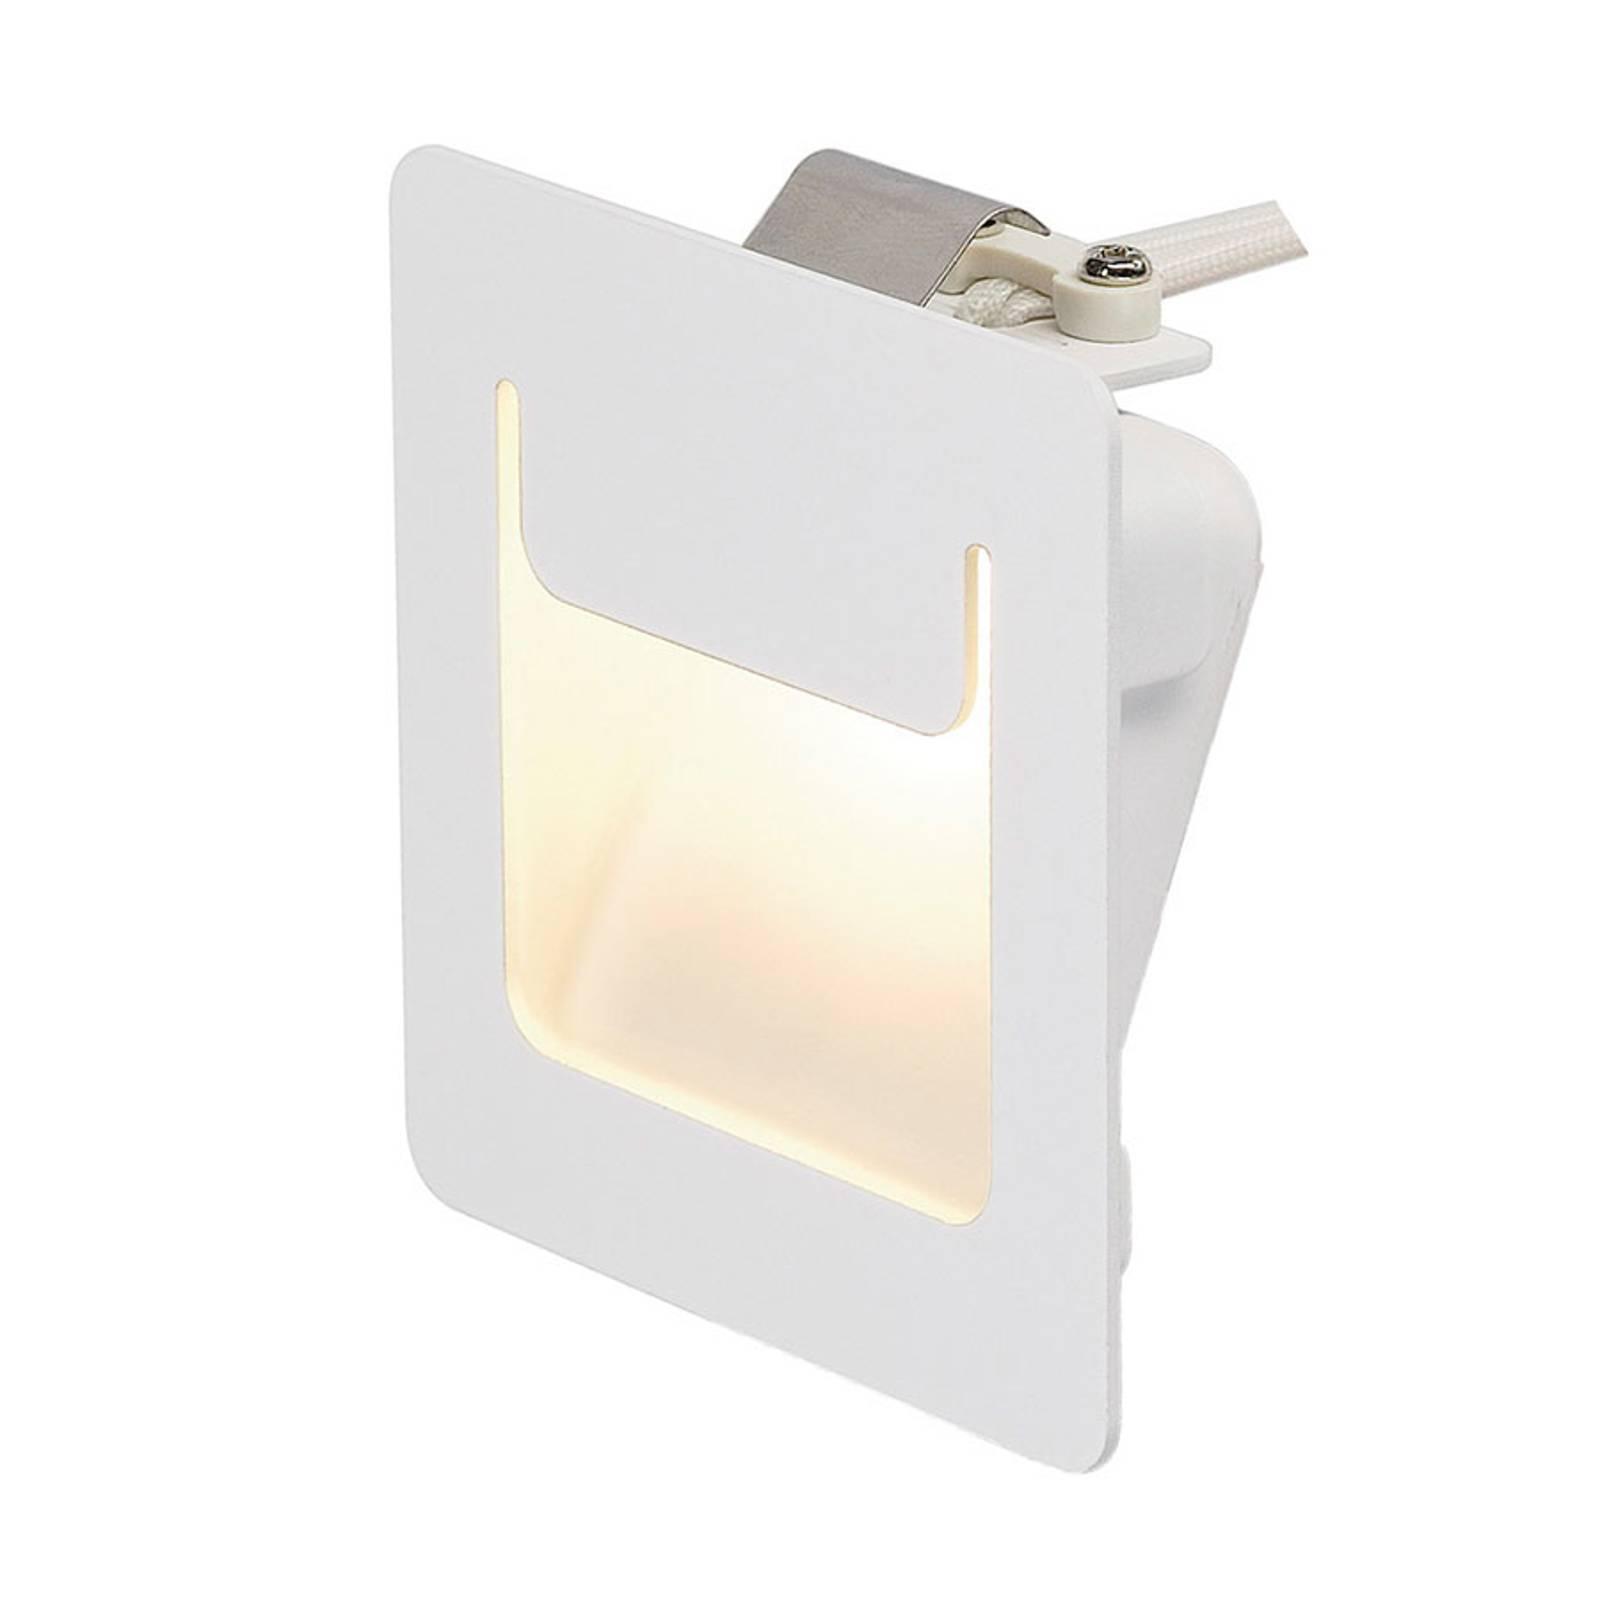 SLV-LED-uppovalo Downunder Pur 80 LED valkoinen